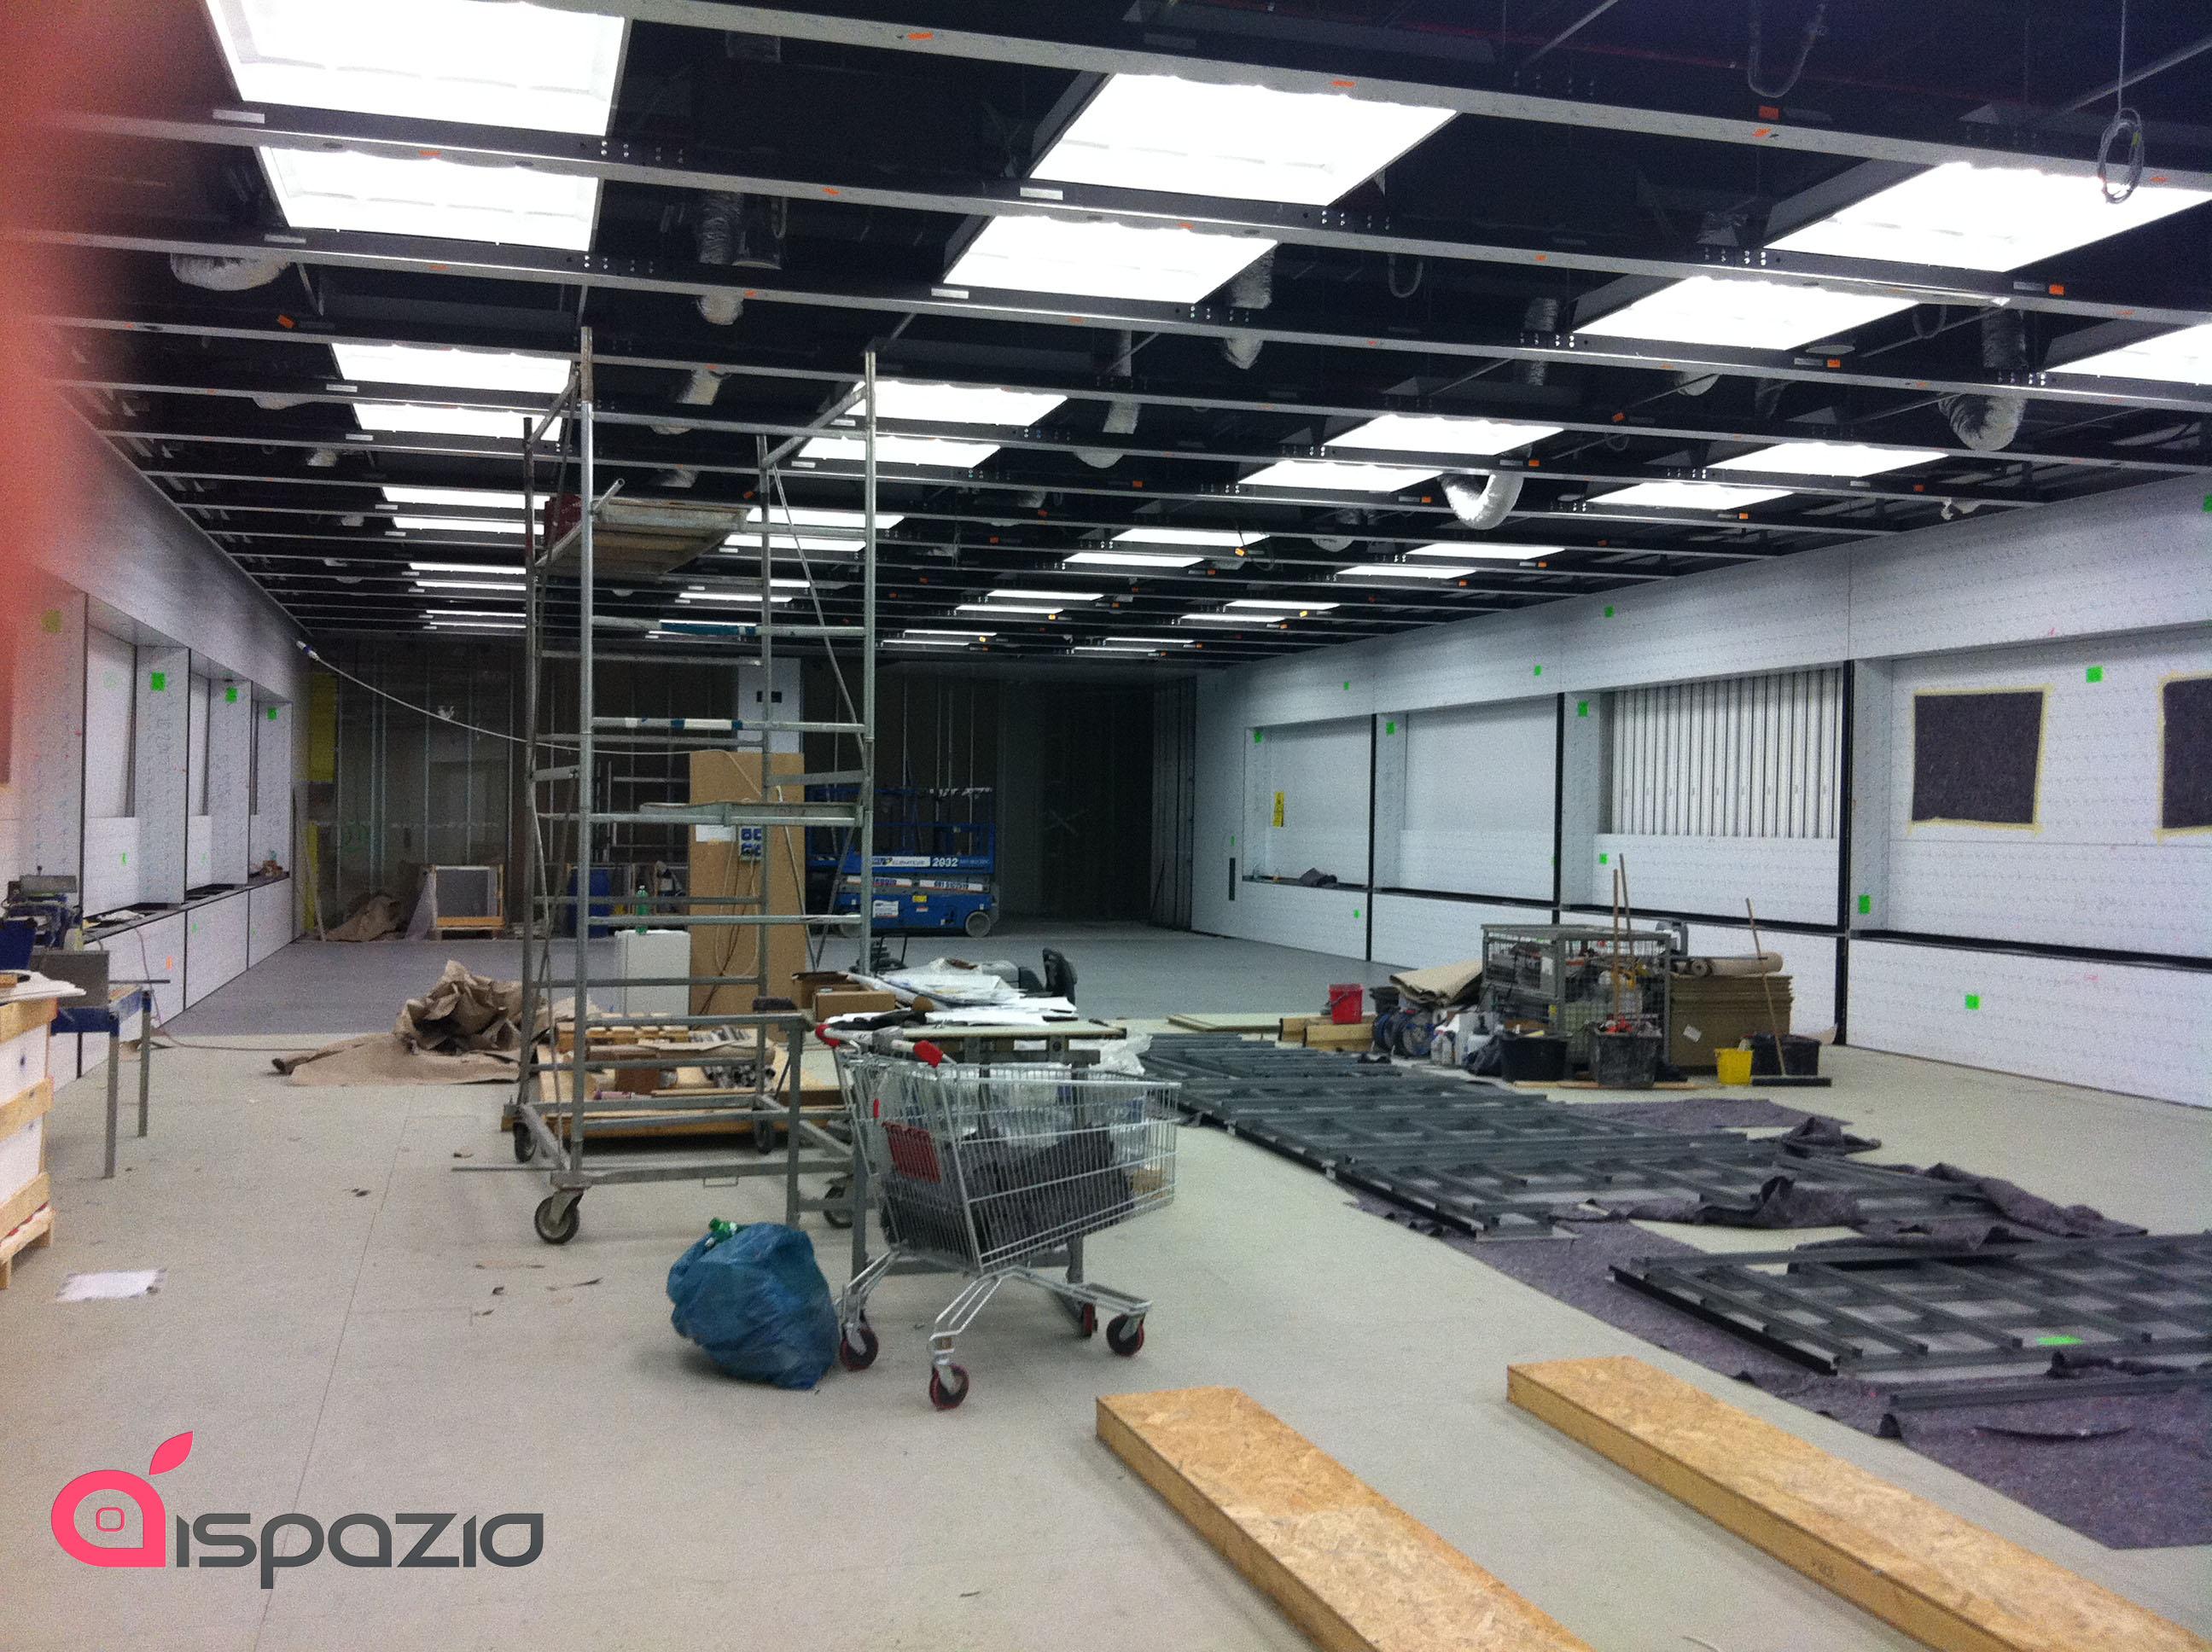 Ispazio vi mostra nuove foto inedite del nuovo apple store for Mobilia store marcianise